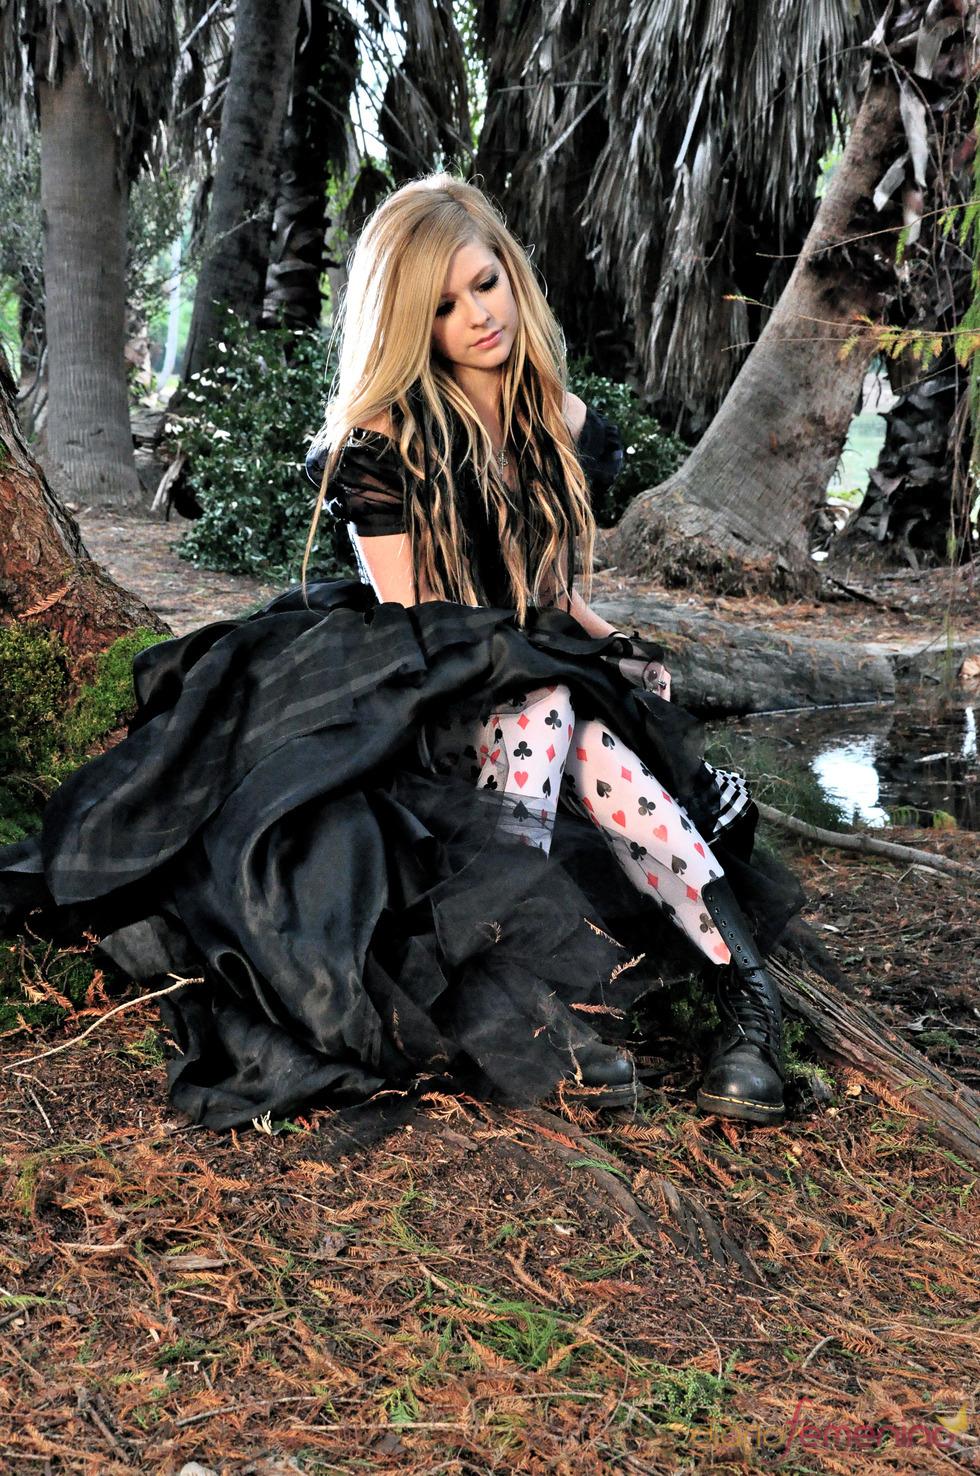 Videoclip de Avril Lavigne: un look para la ocasión